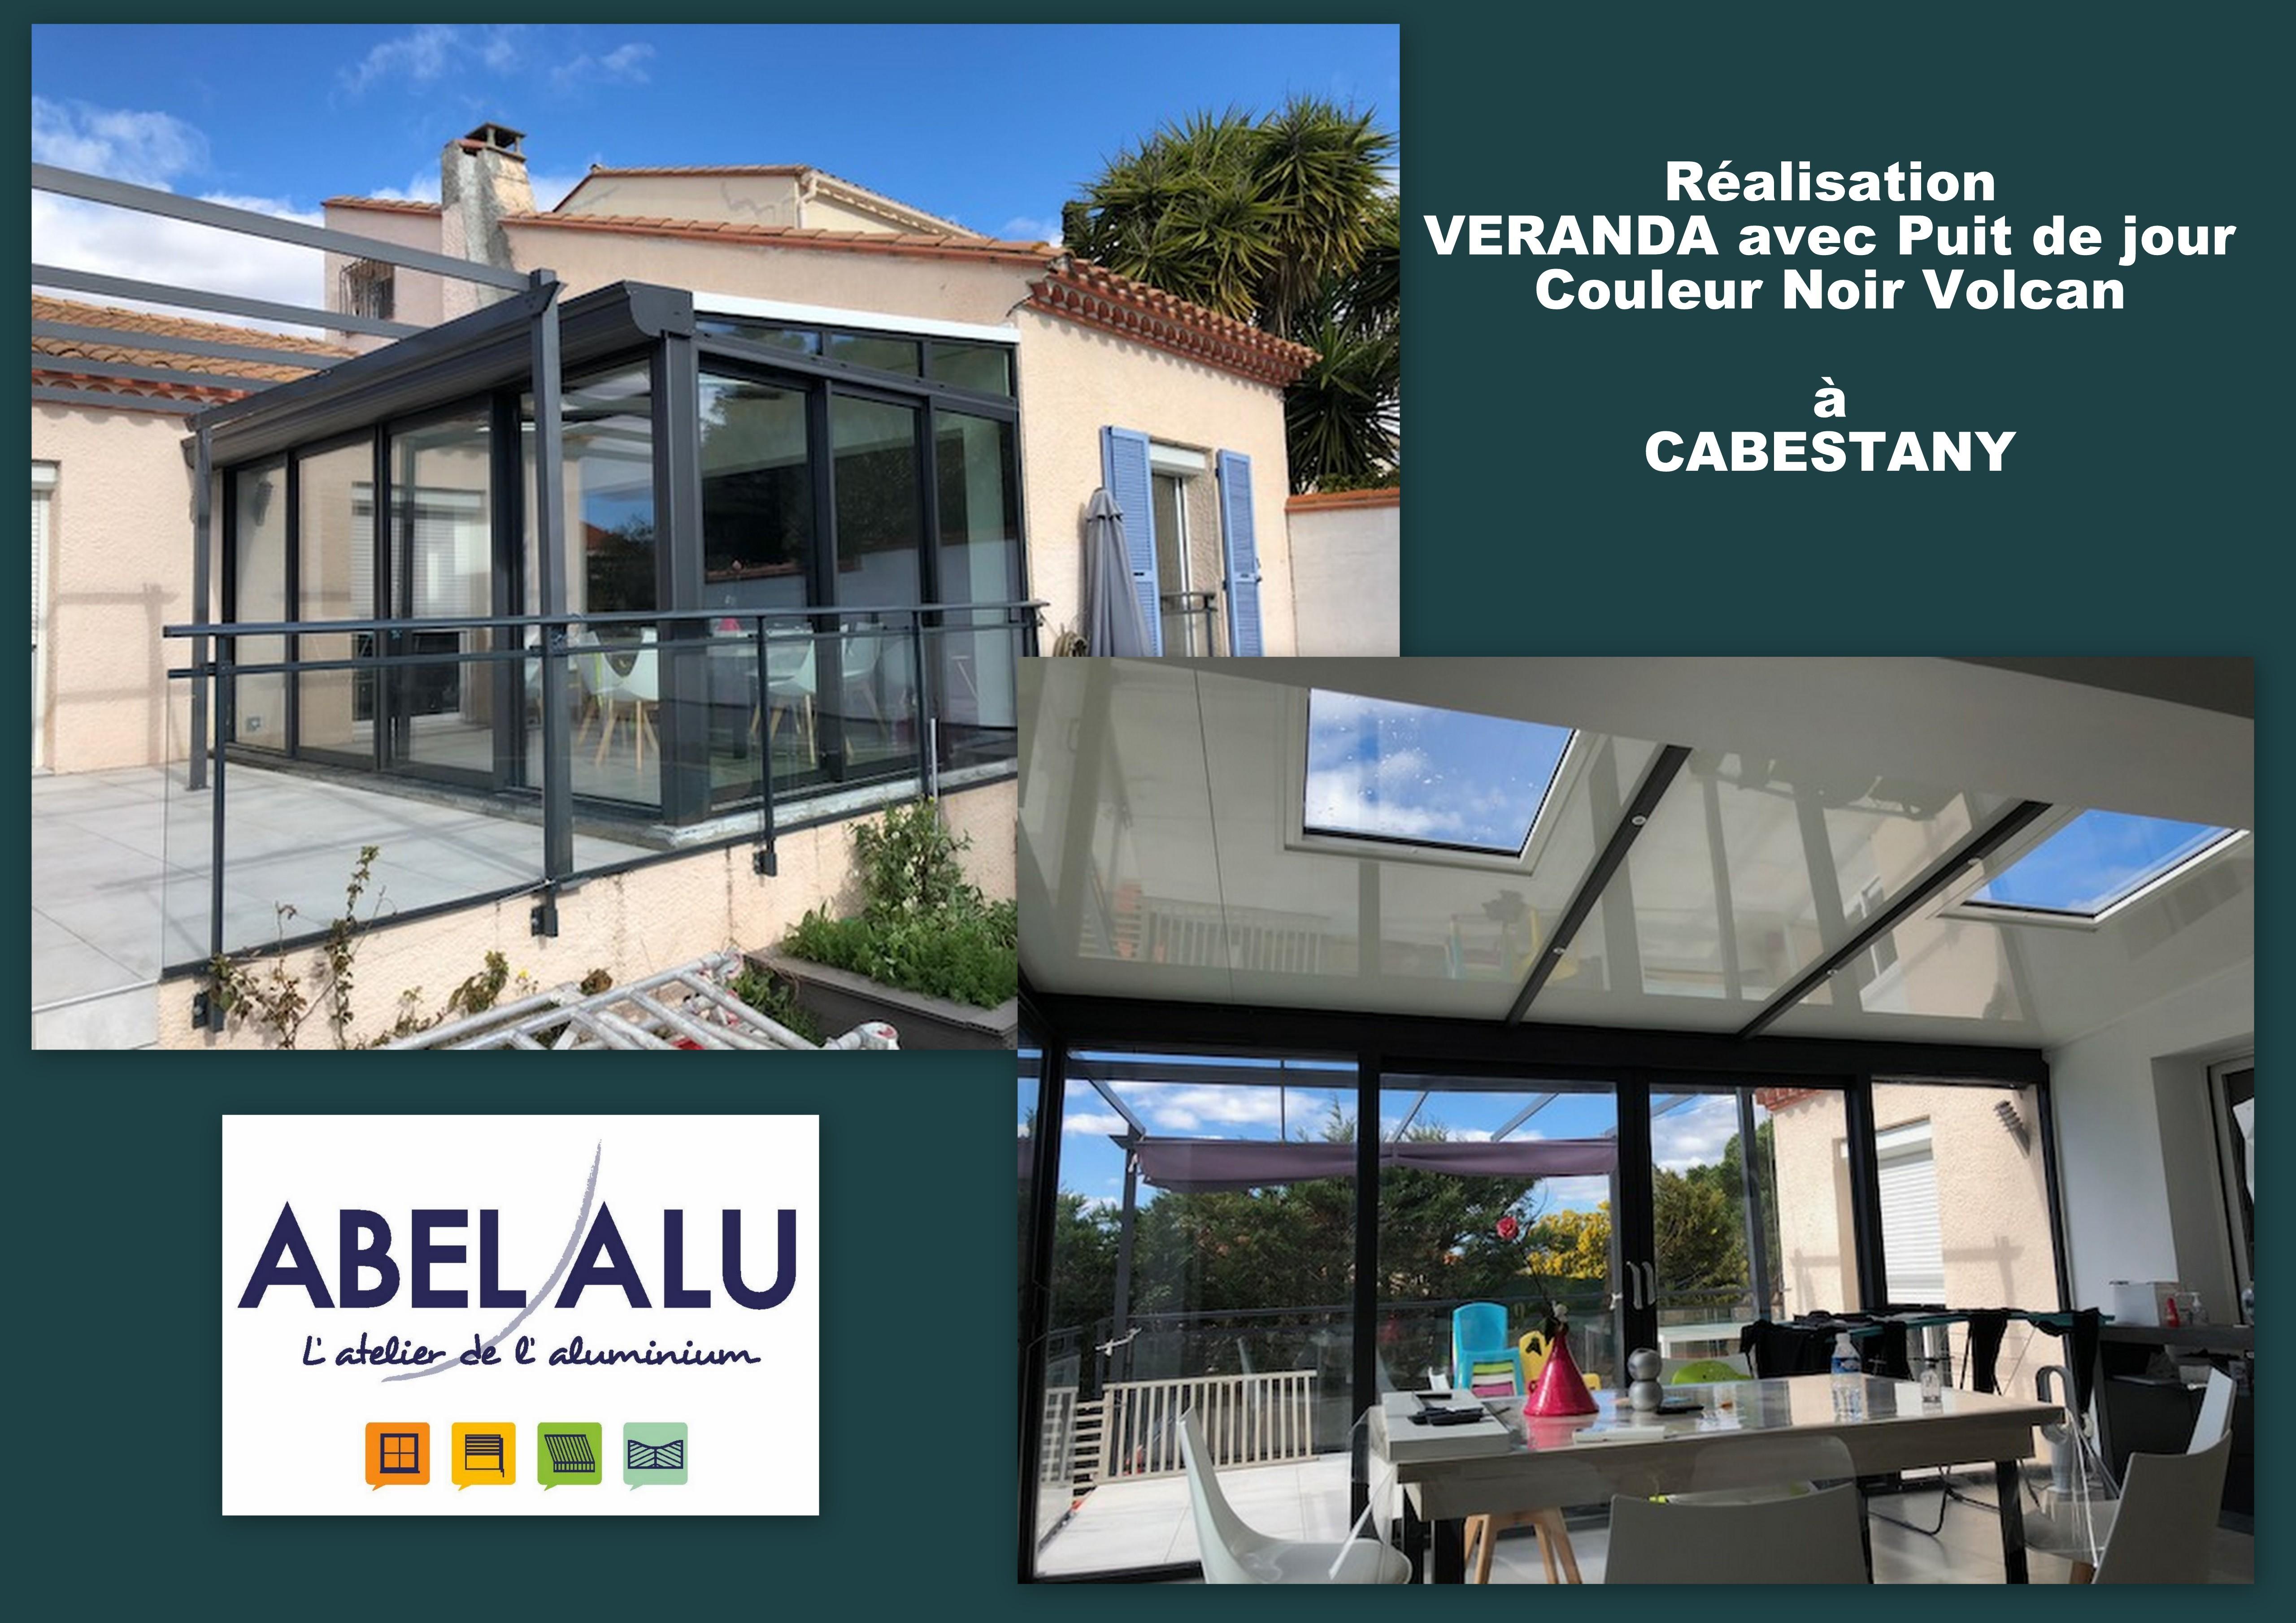 Veranda Puit De Lumiere réalisation veranda avec puit de lumière à cabestany - abel alu